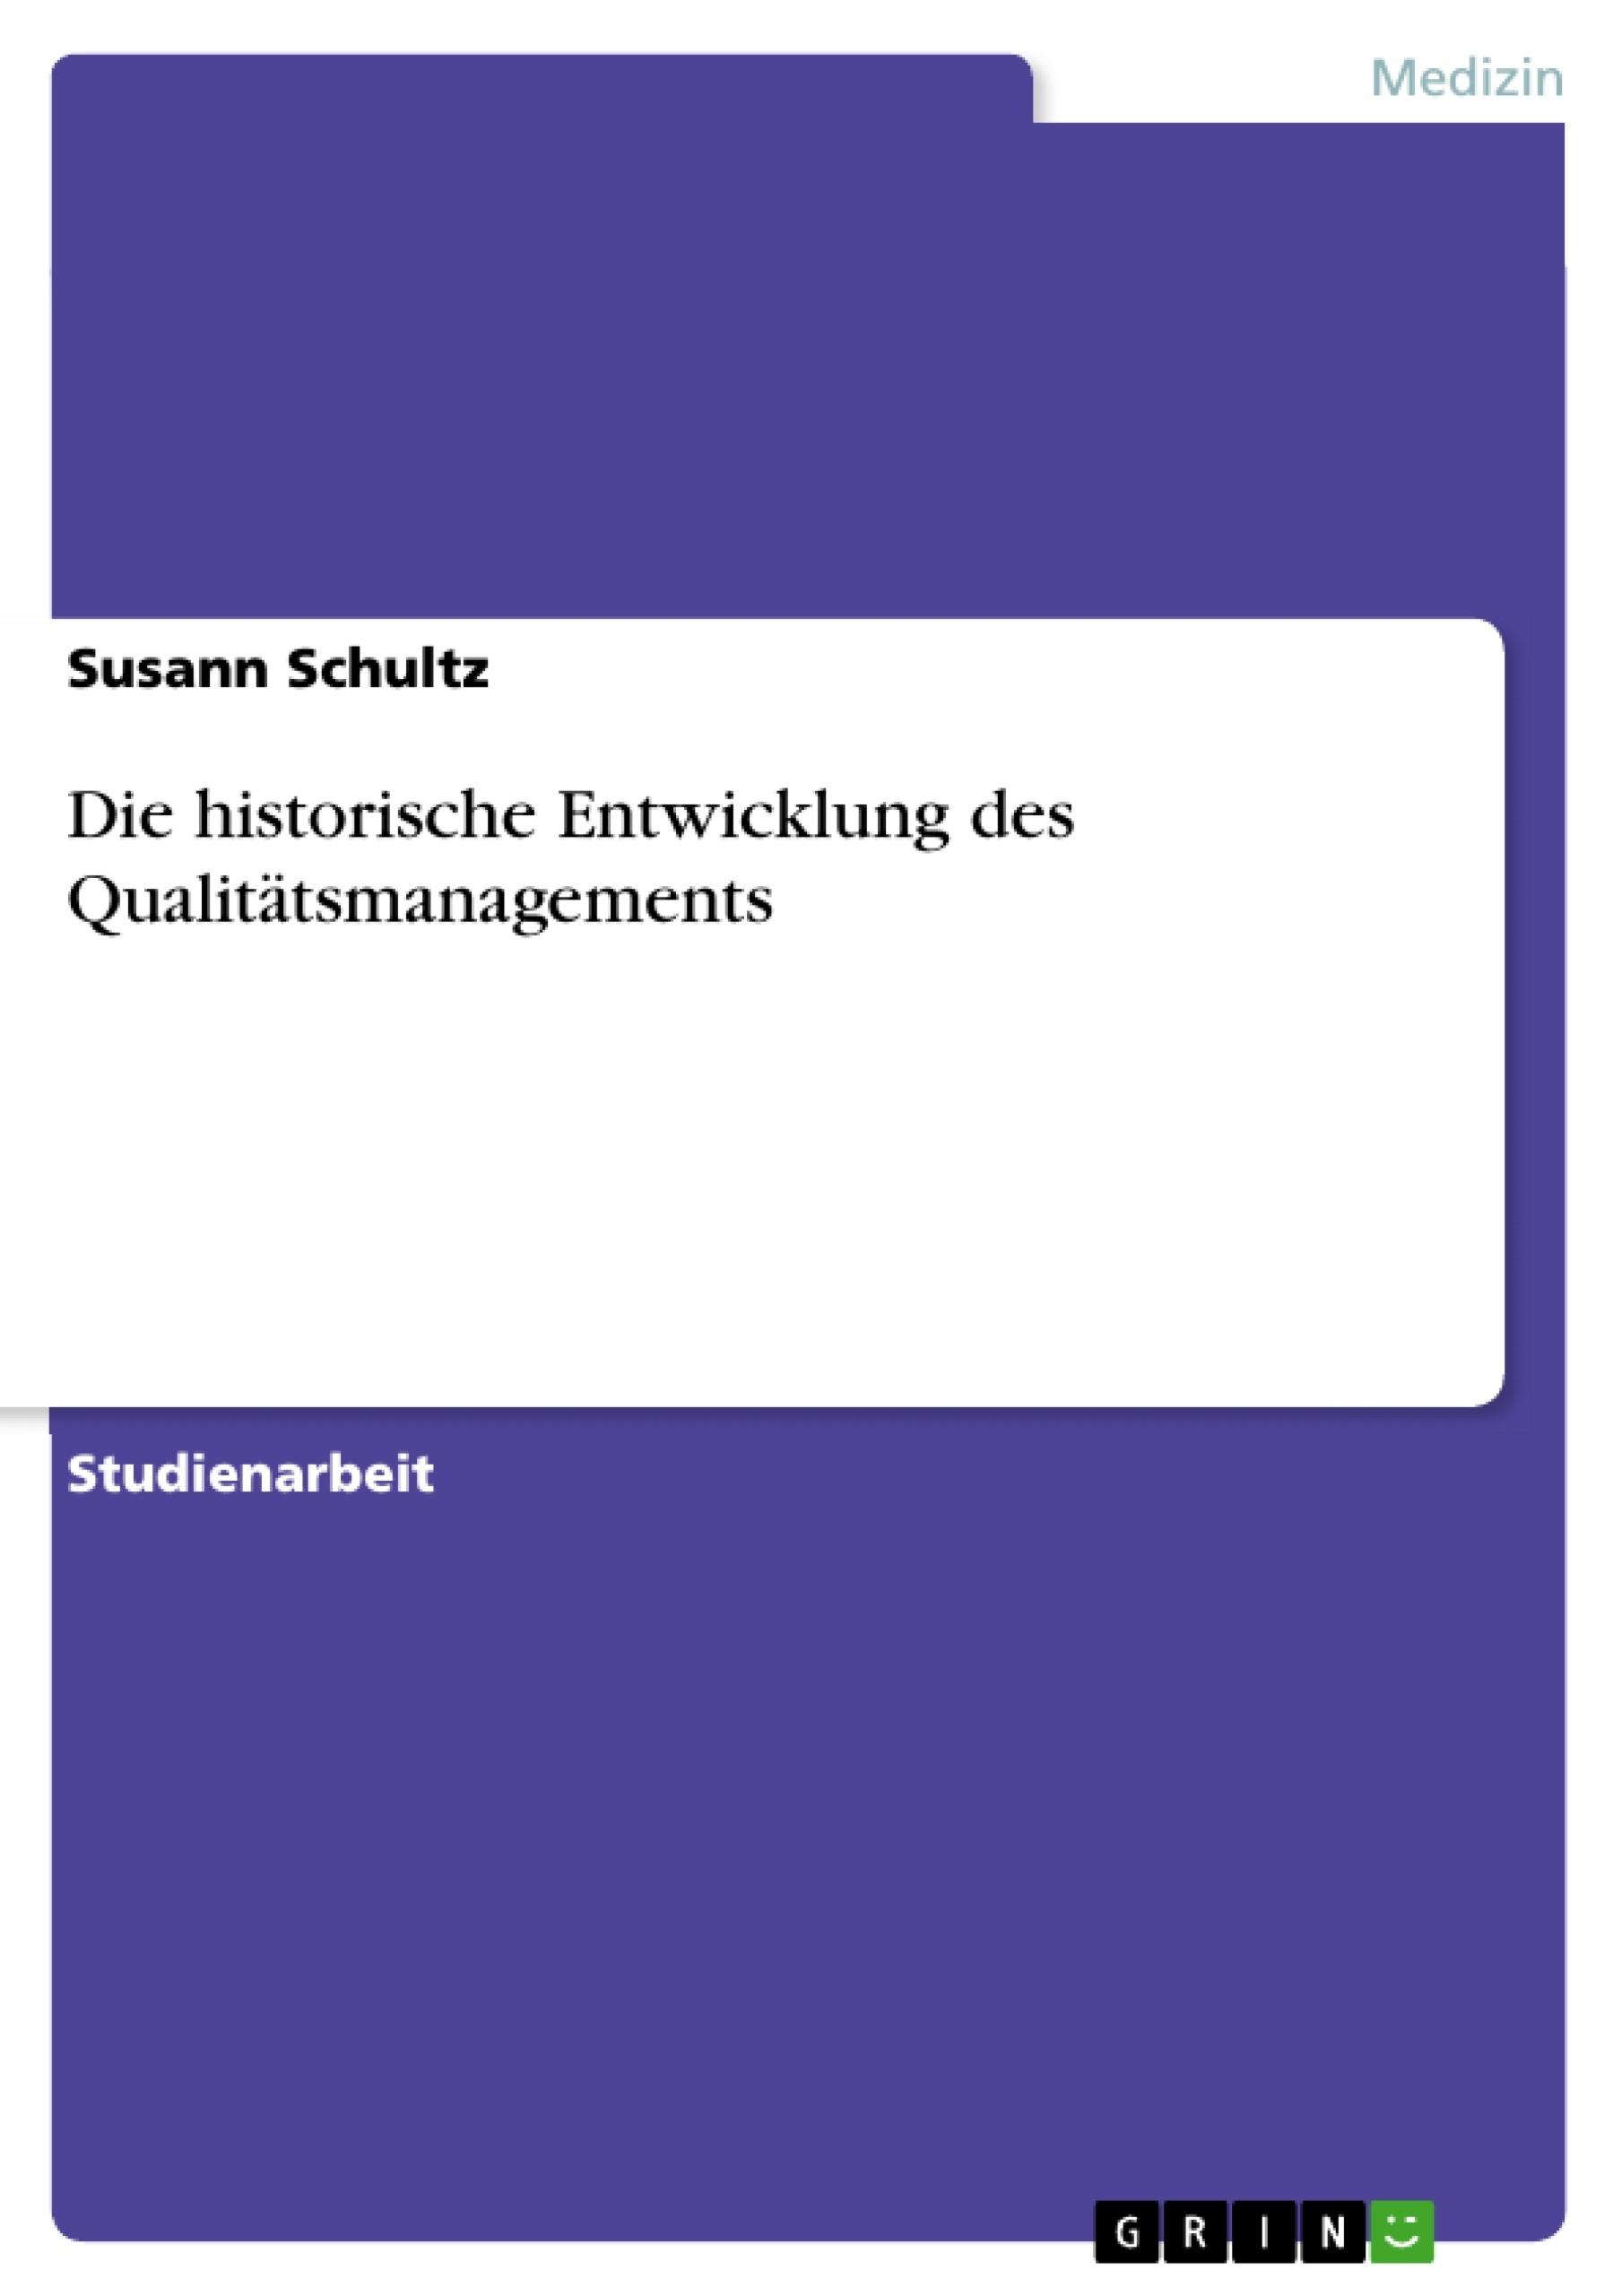 Titel: Die historische Entwicklung des Qualitätsmanagements